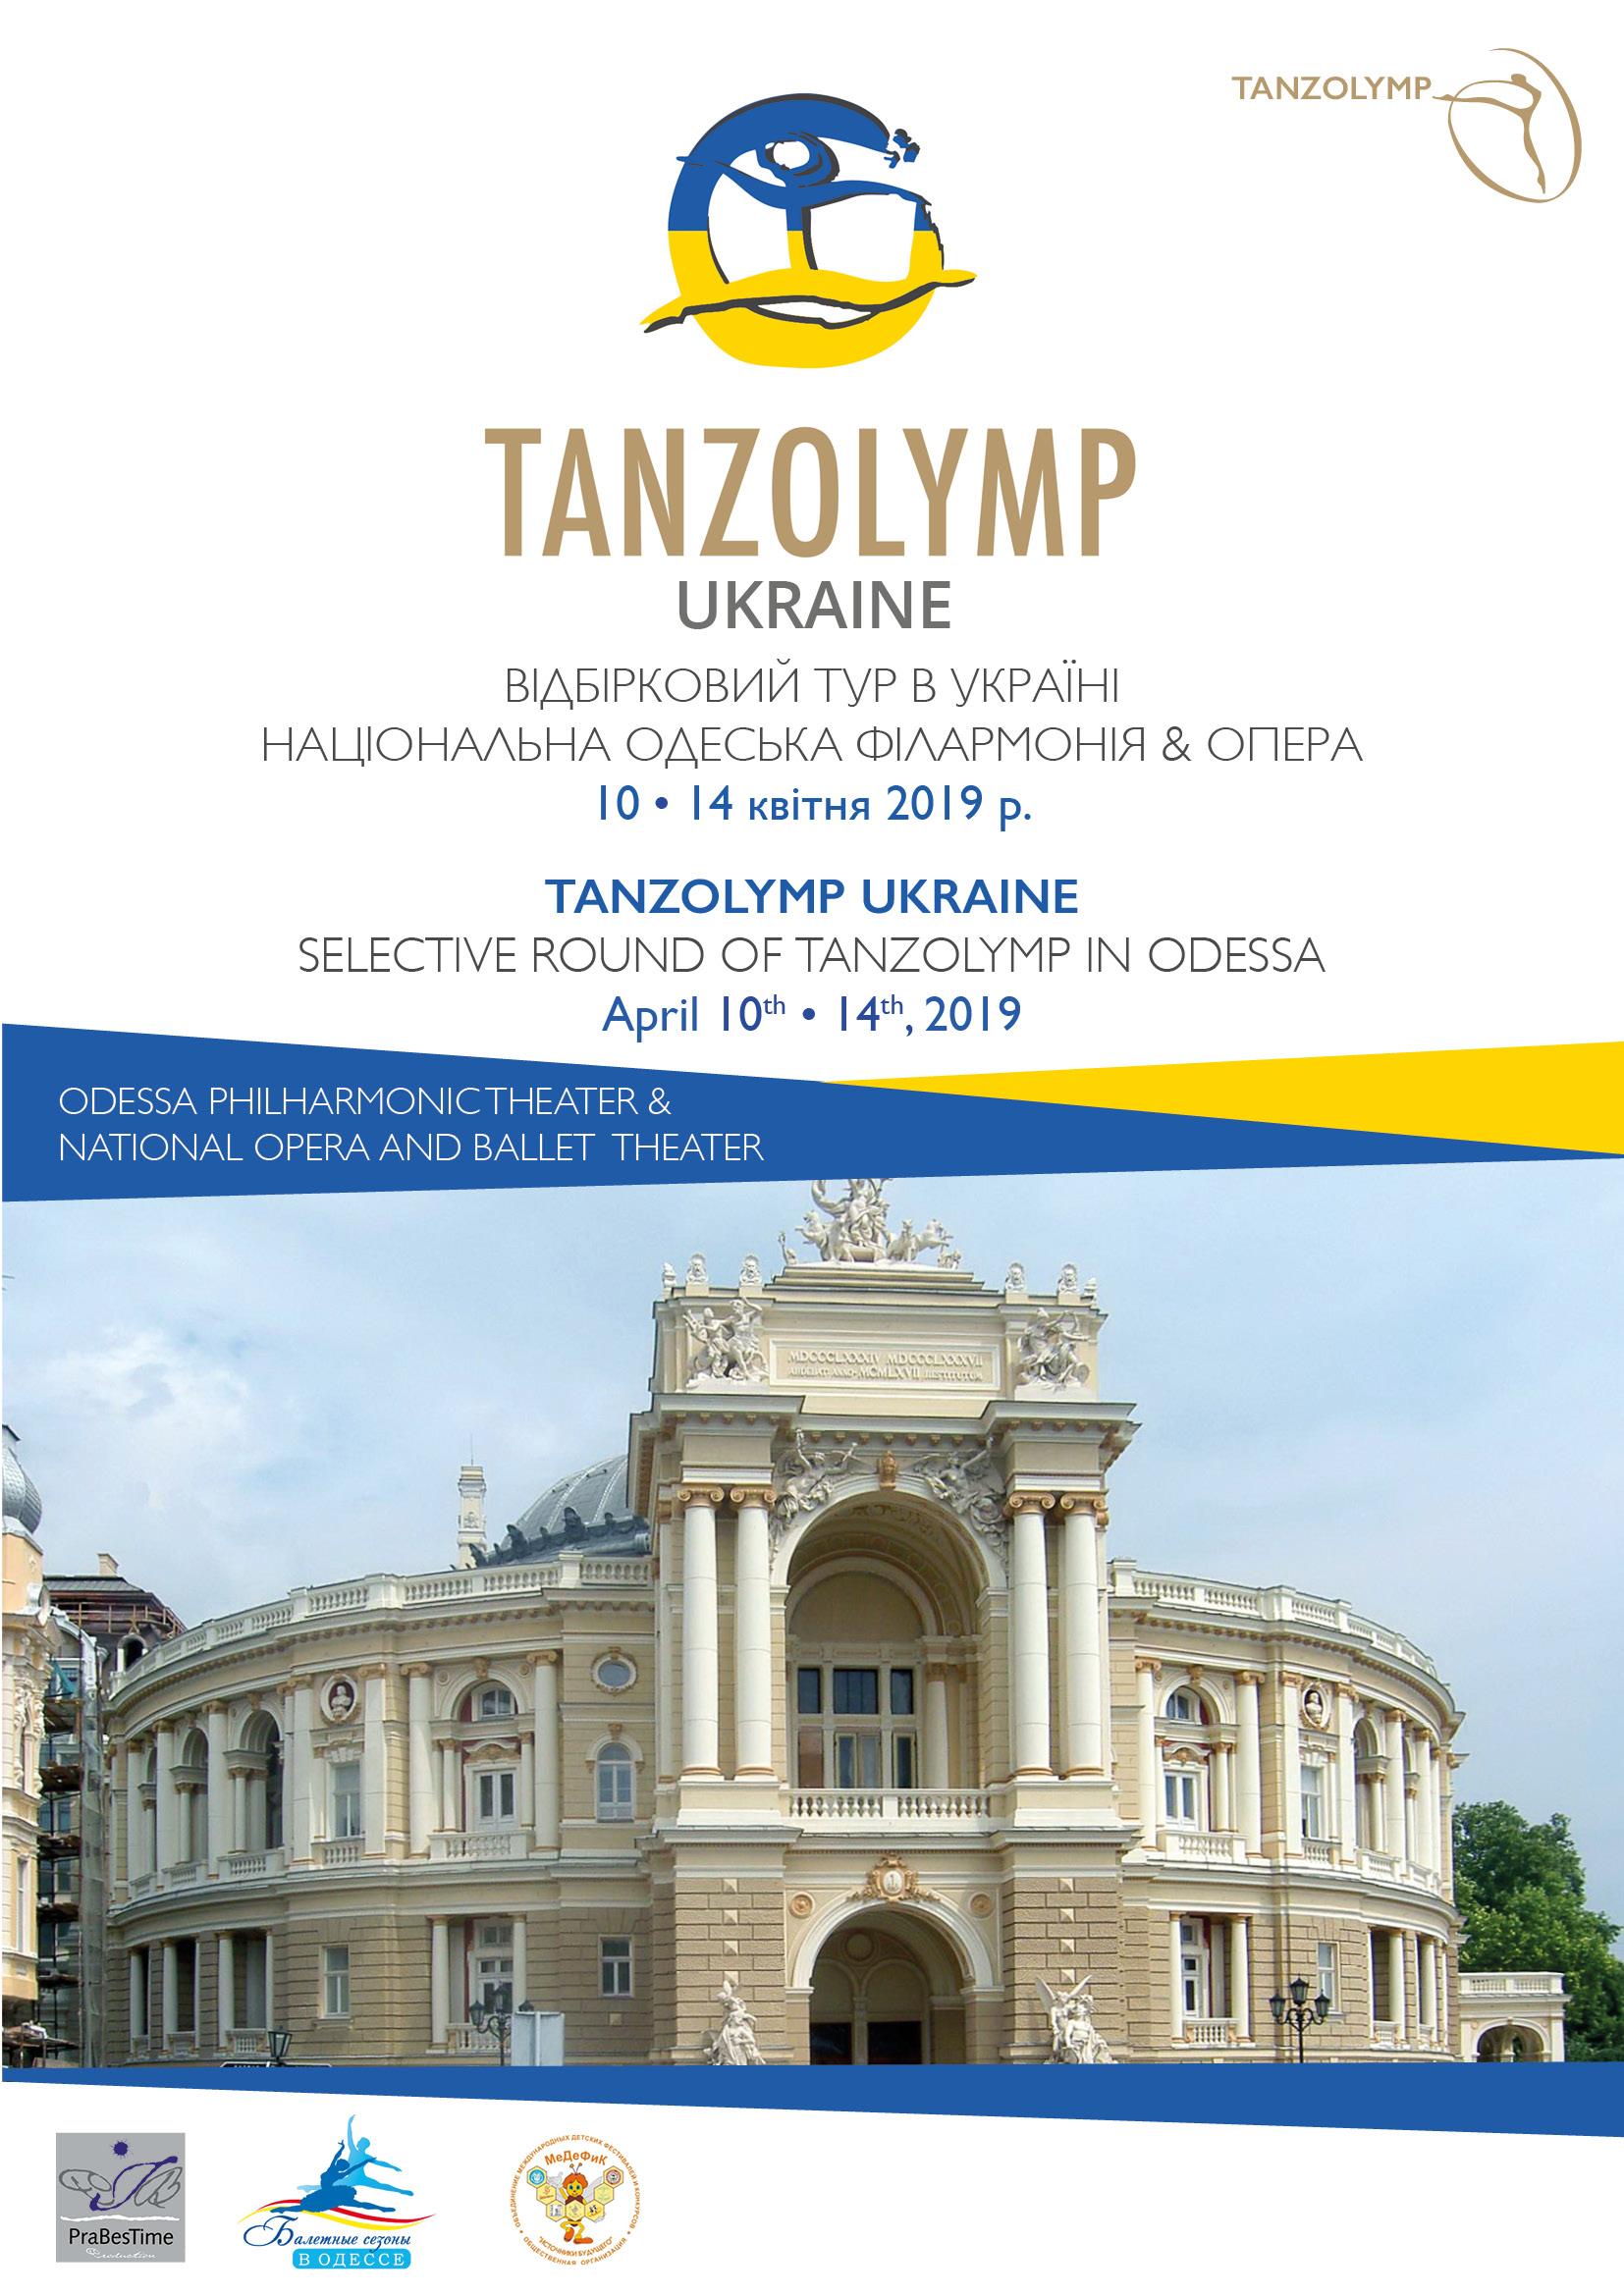 Tanzolymp_Ukraine_2019